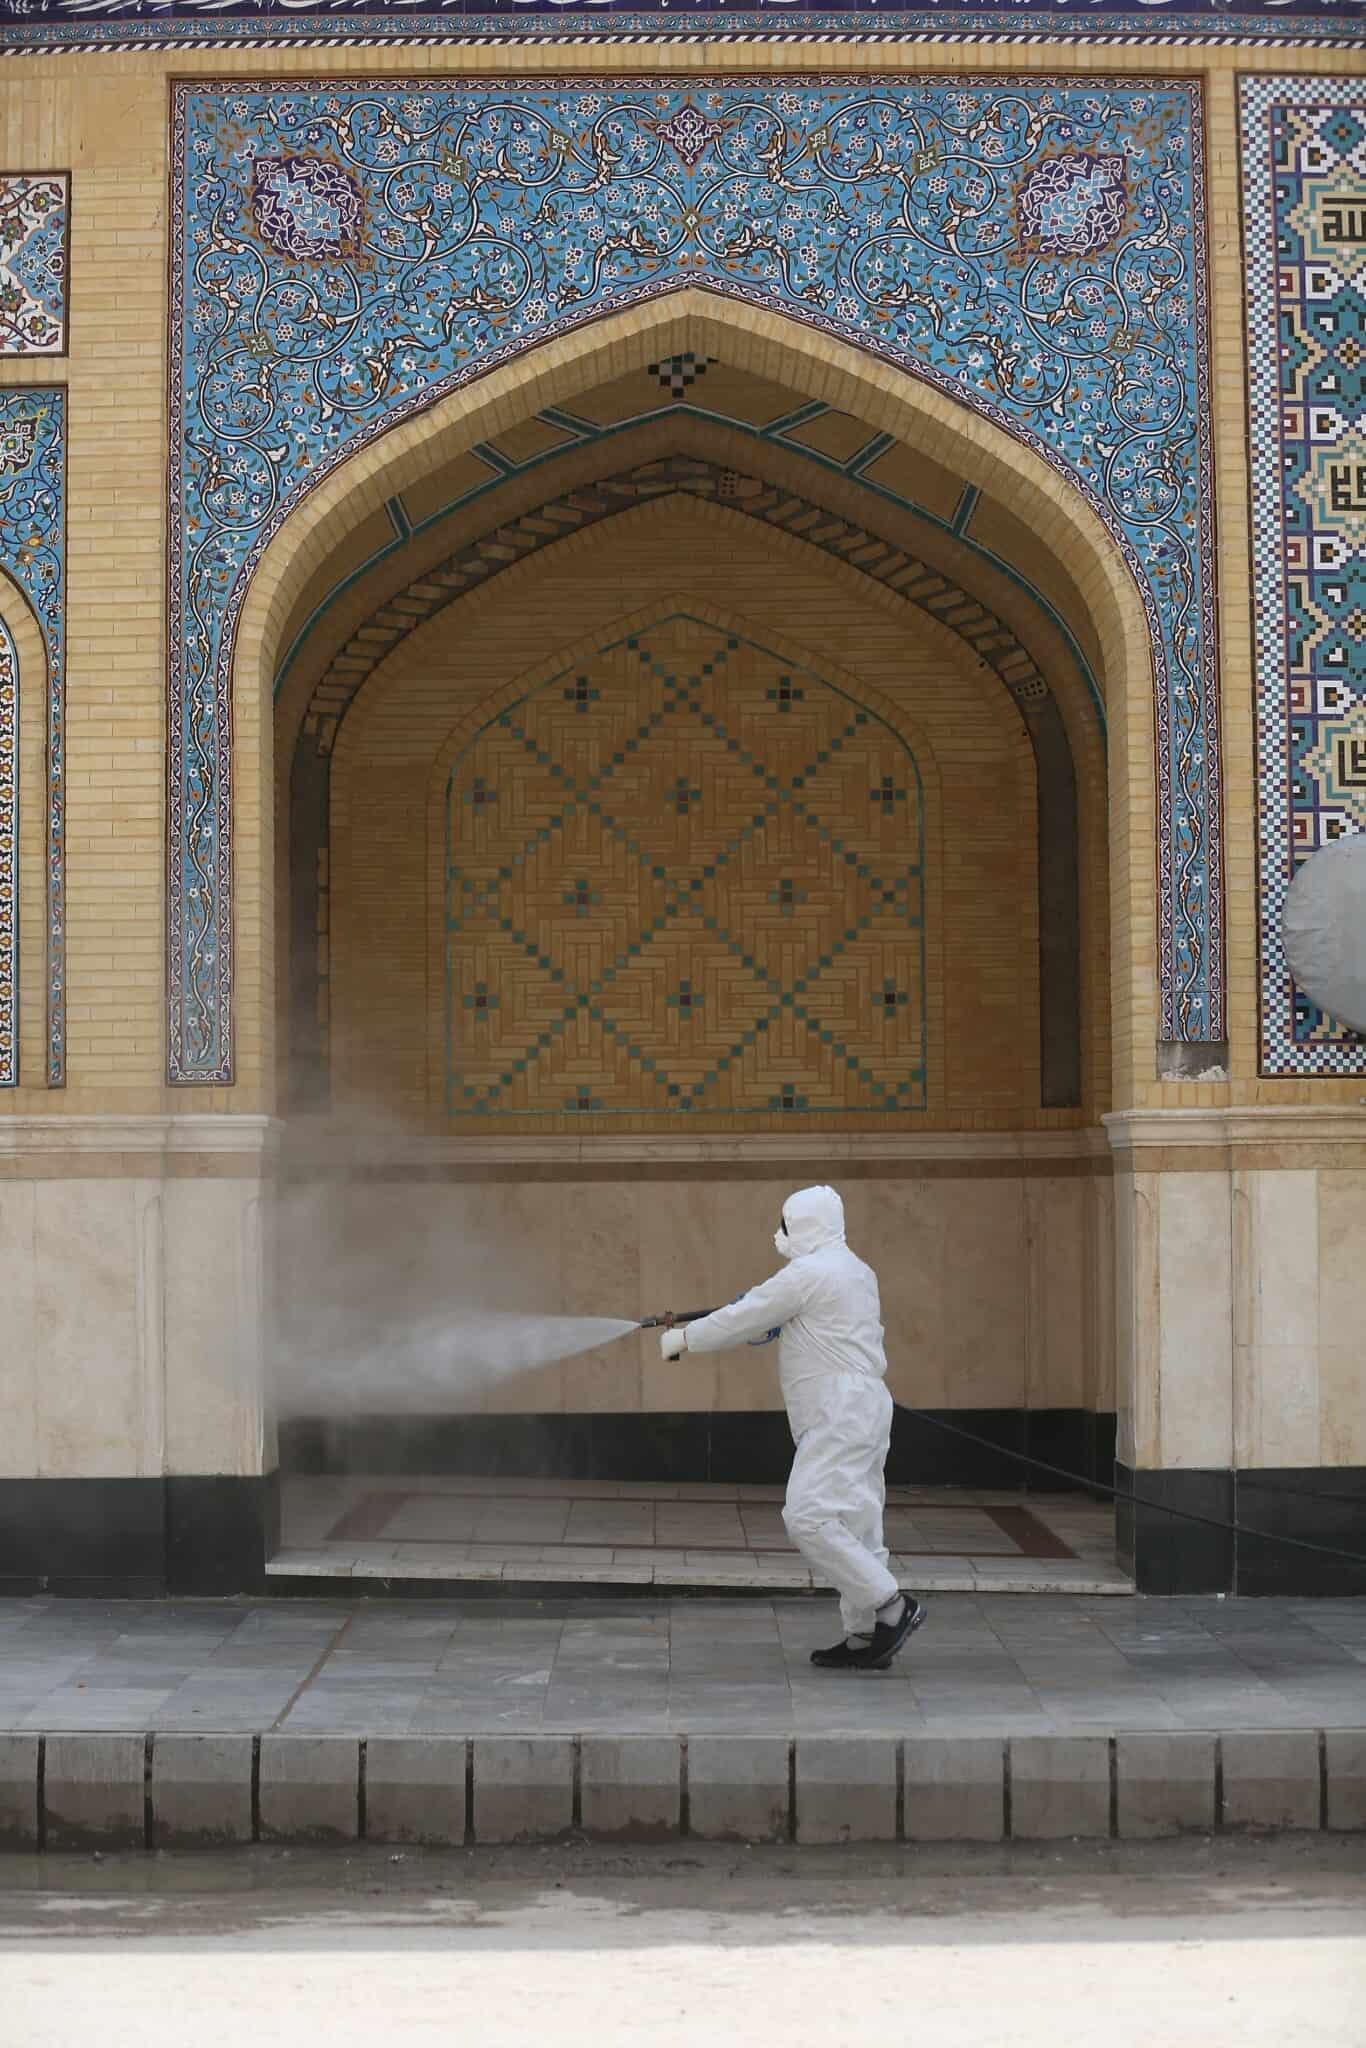 משבר הקורונה בעיראק: פעולת חיטוי במרחב הציבורי (צילום: AP Photo/Anmar Khalil)